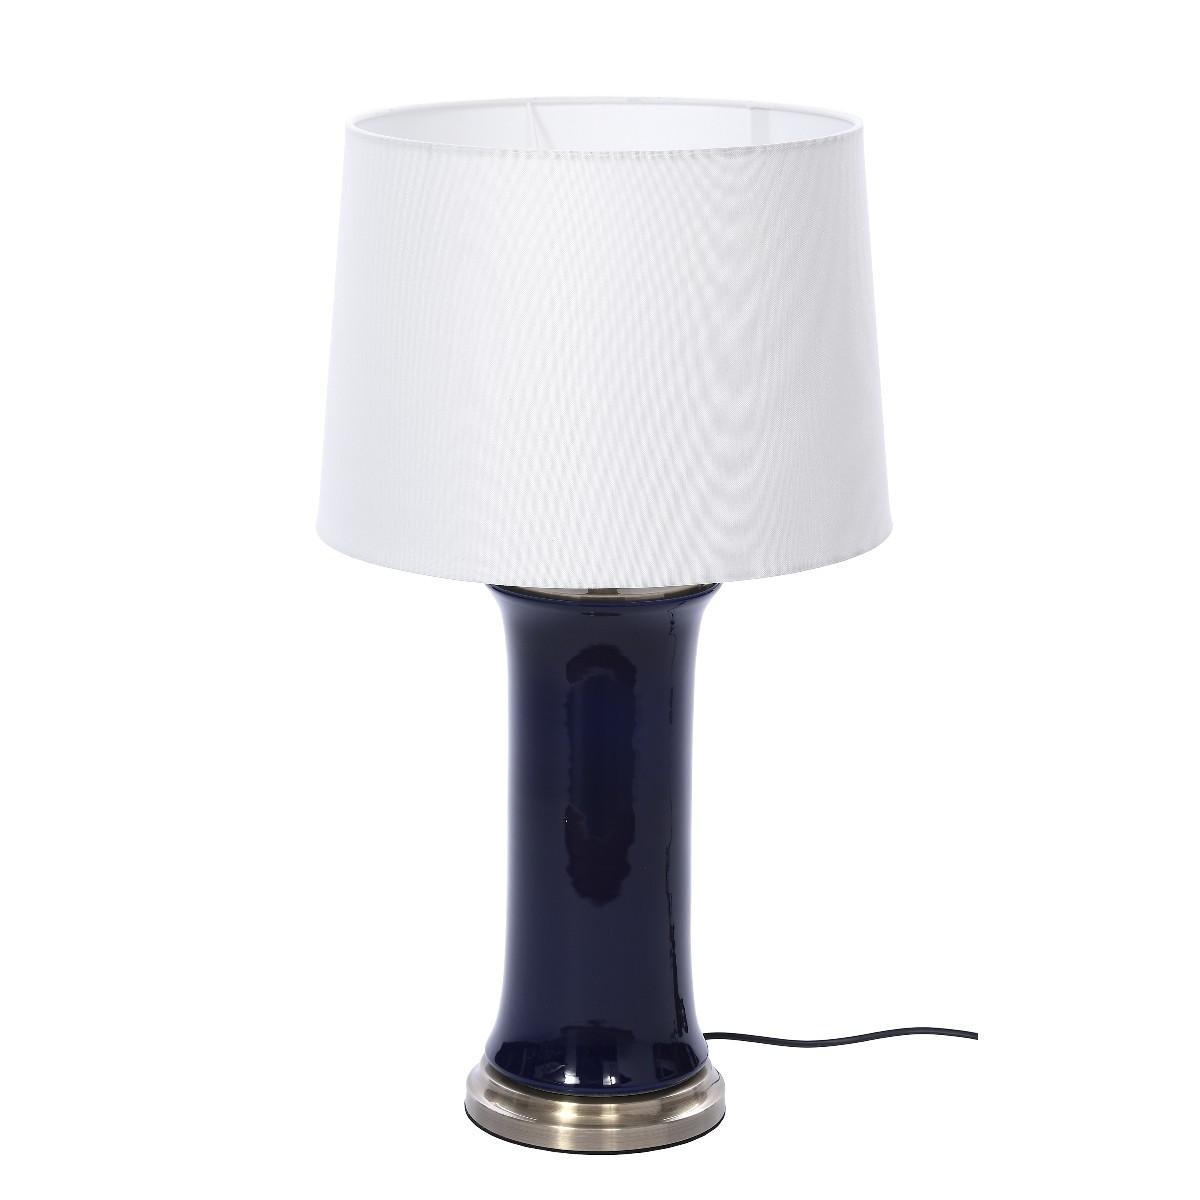 Lampa stołowa Berkeley 18x18x51 cm